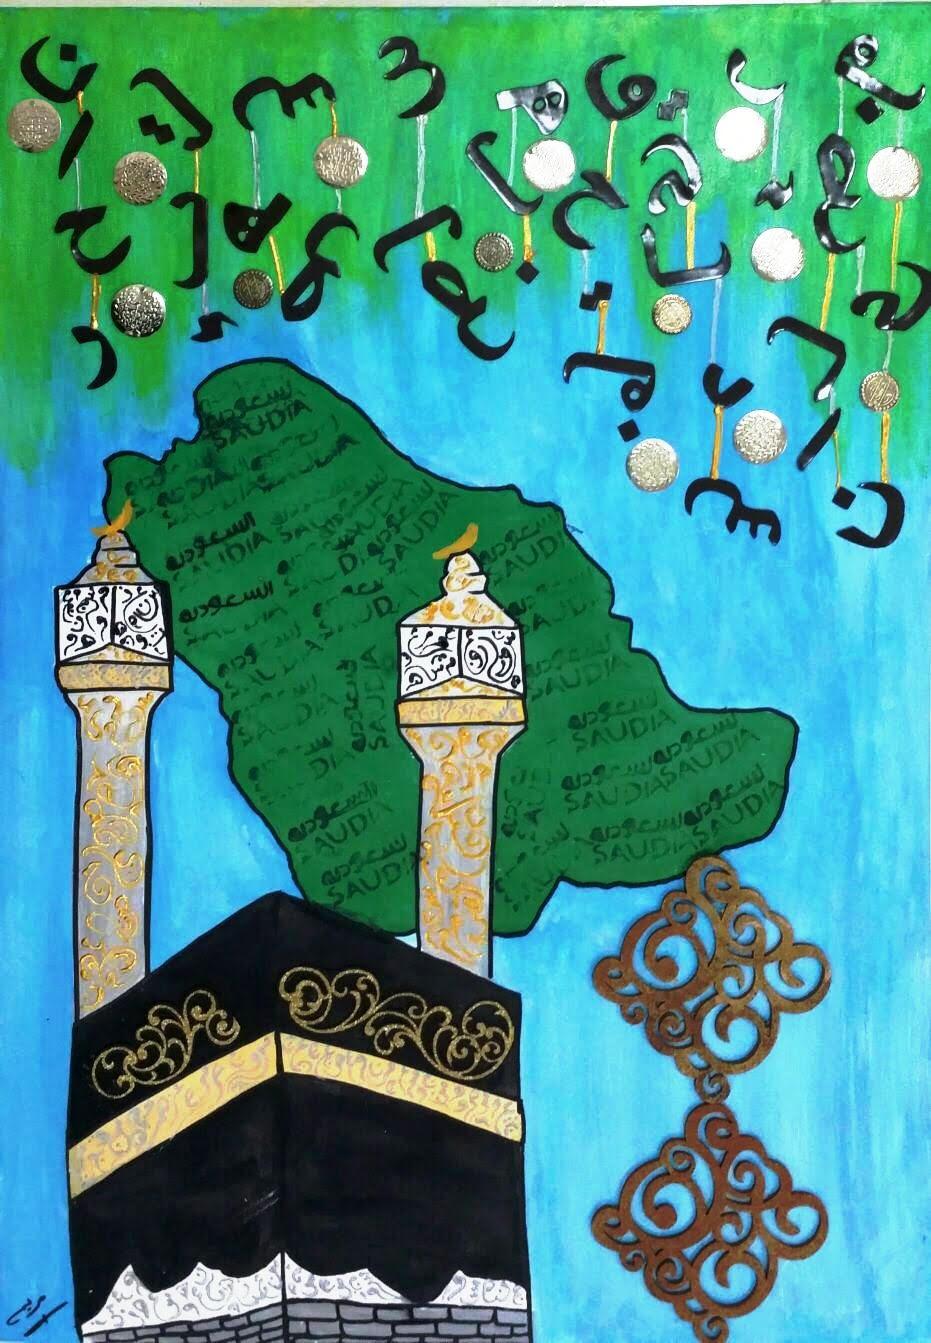 لوحات فنية وطنية في يوم الوطن بـ الباحة صحيفة المواطن الإلكترونية